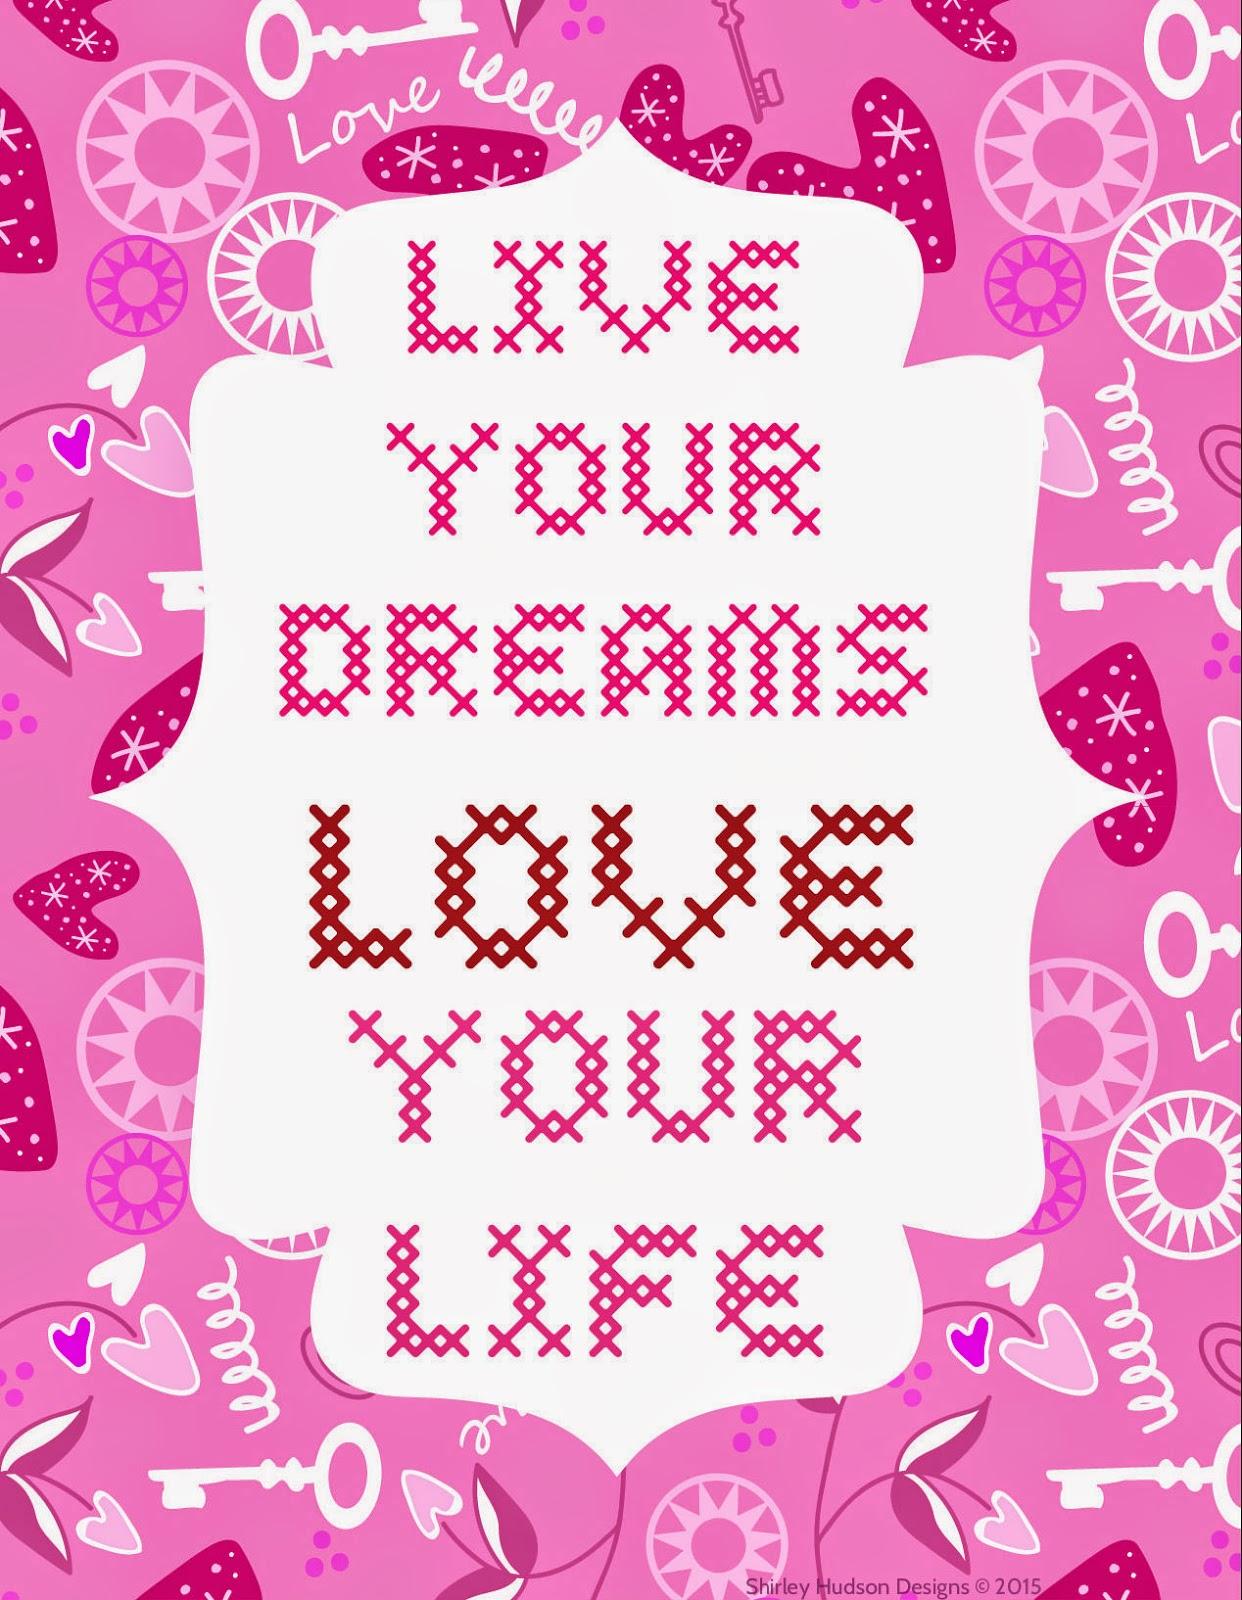 http://1.bp.blogspot.com/-DjTHxqsBzHg/VNub3hyWqnI/AAAAAAAAMjc/VTe_Cj1TzEA/s1600/pinksignage2.jpg